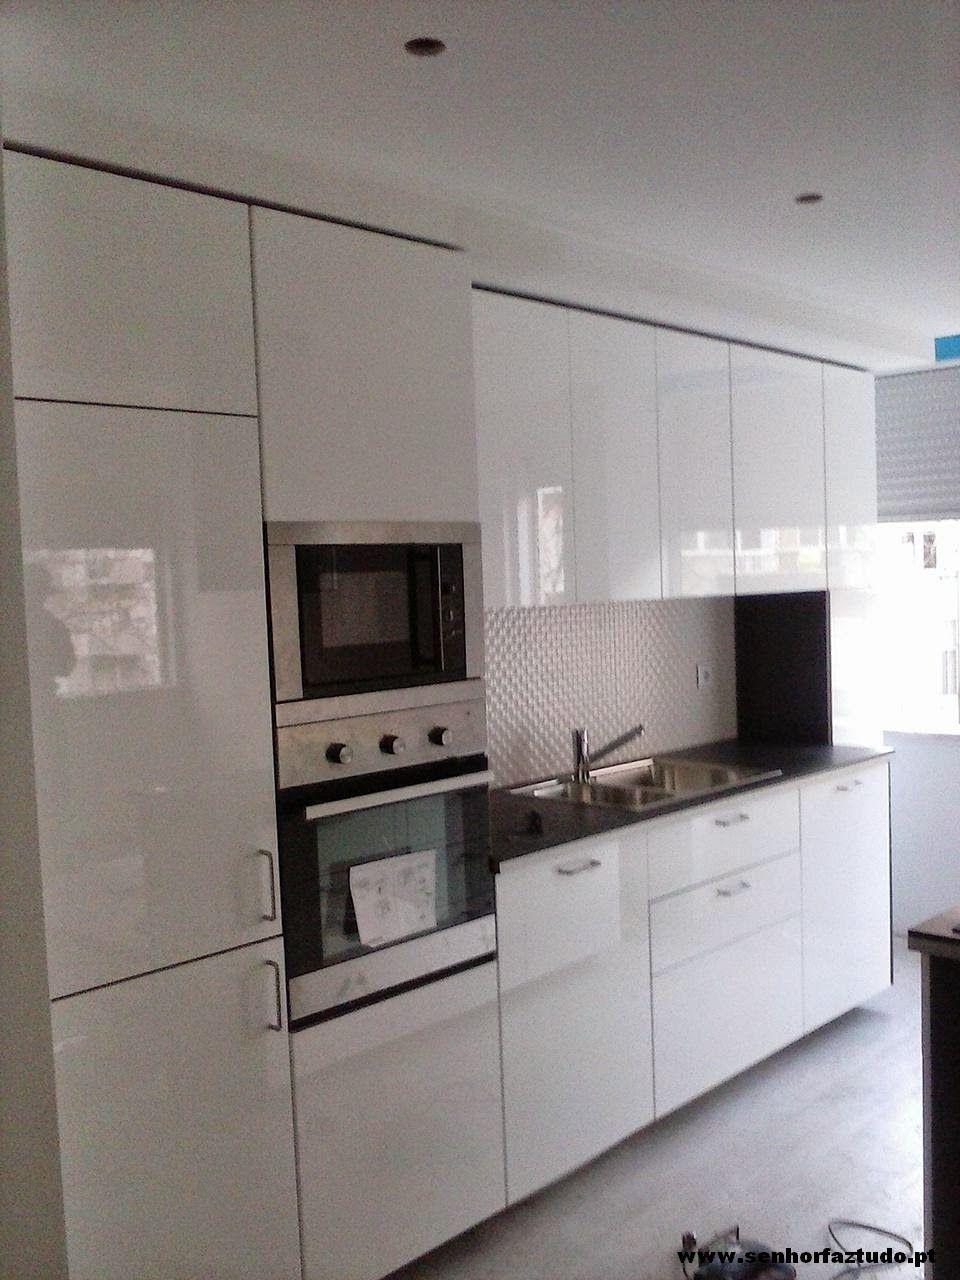 cozinhas ikea pesquisa google cozinhas pinterest cozinha ikea ikea e cozinha. Black Bedroom Furniture Sets. Home Design Ideas